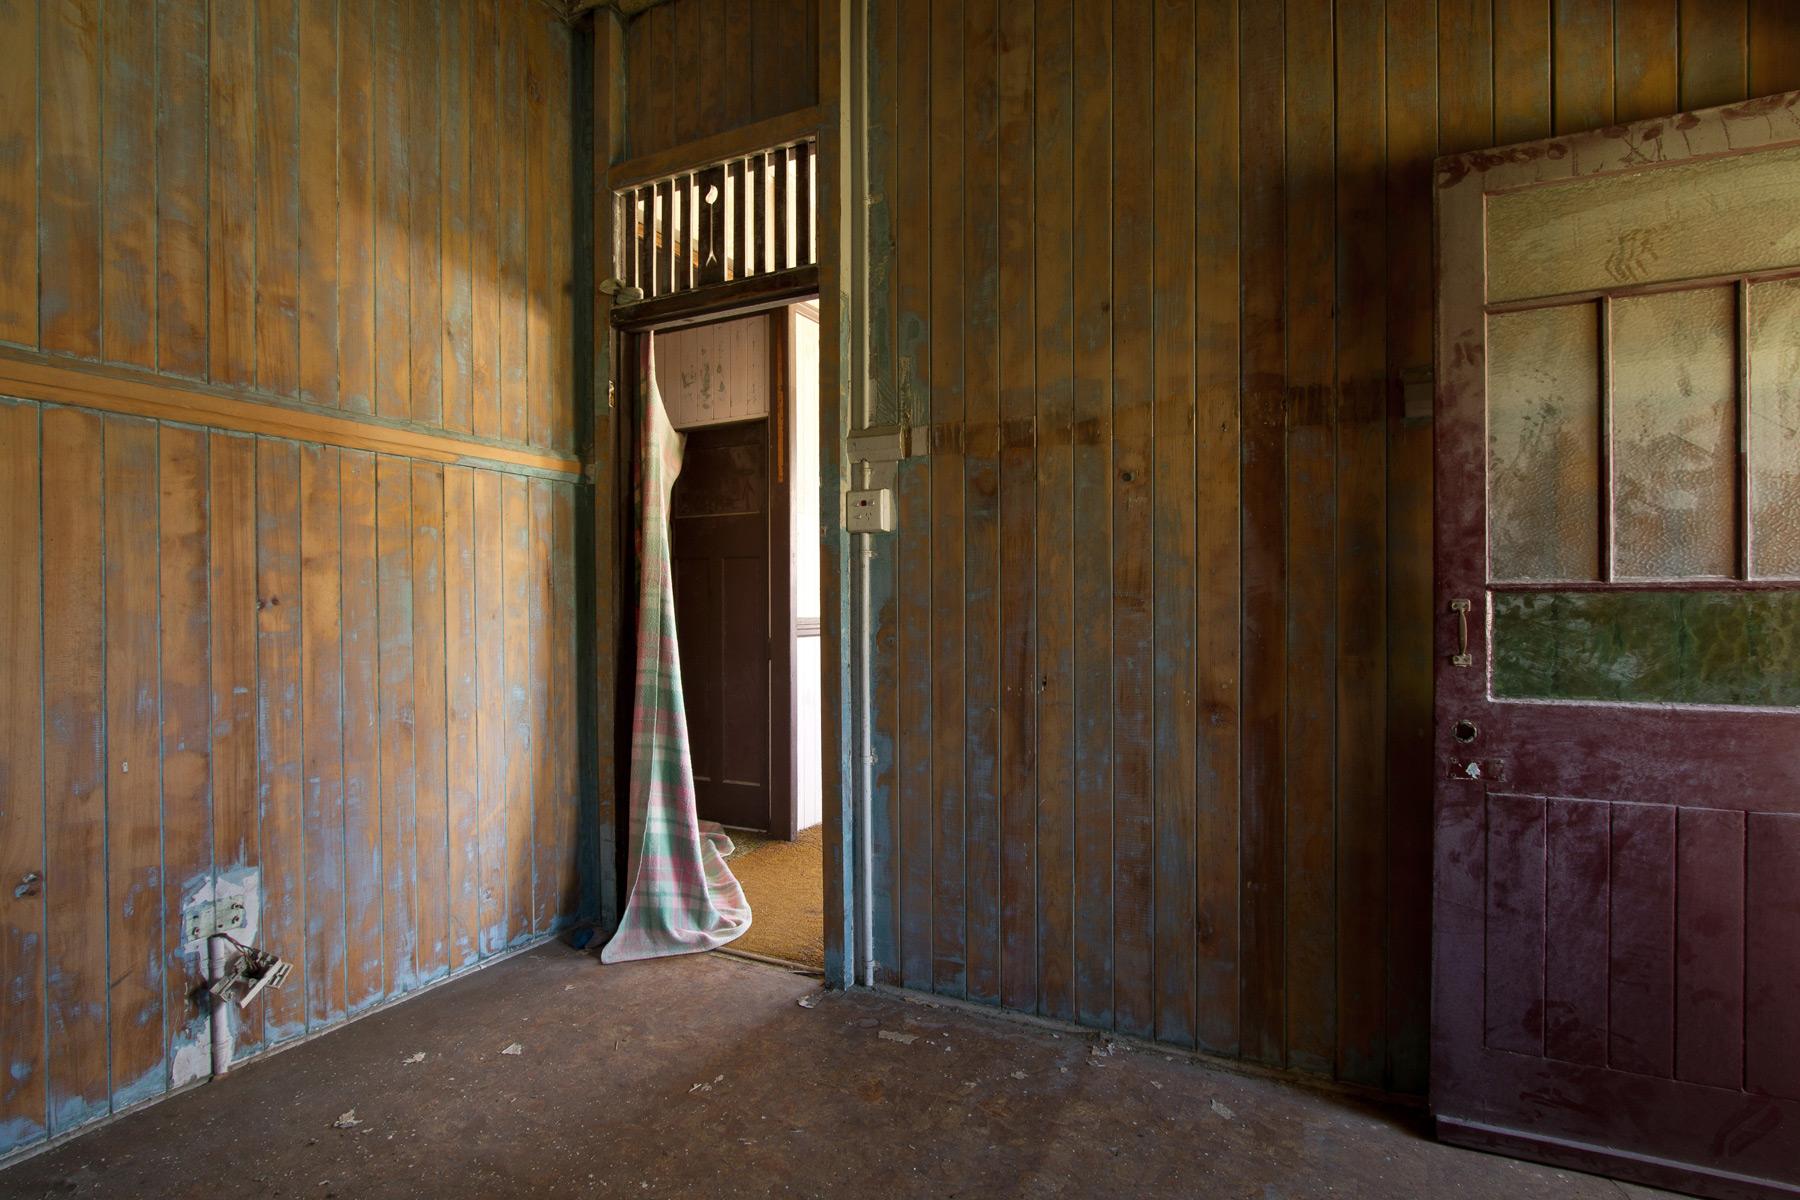 A room inside an abandoned house in Buranda, Brisbane